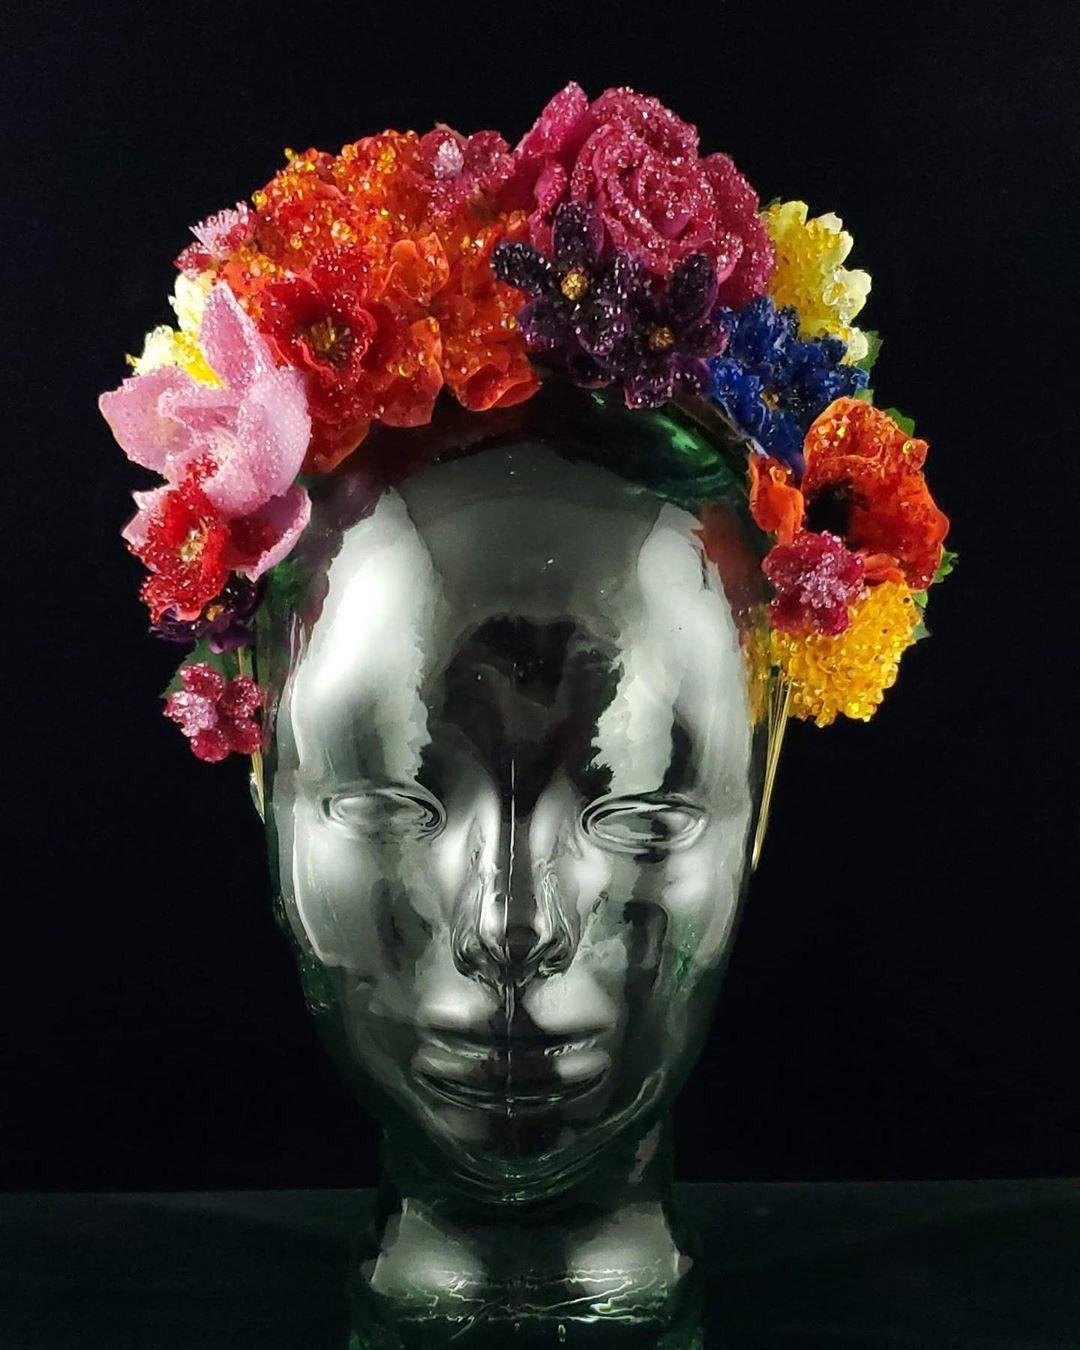 Michael Scmidt colour floral headdress